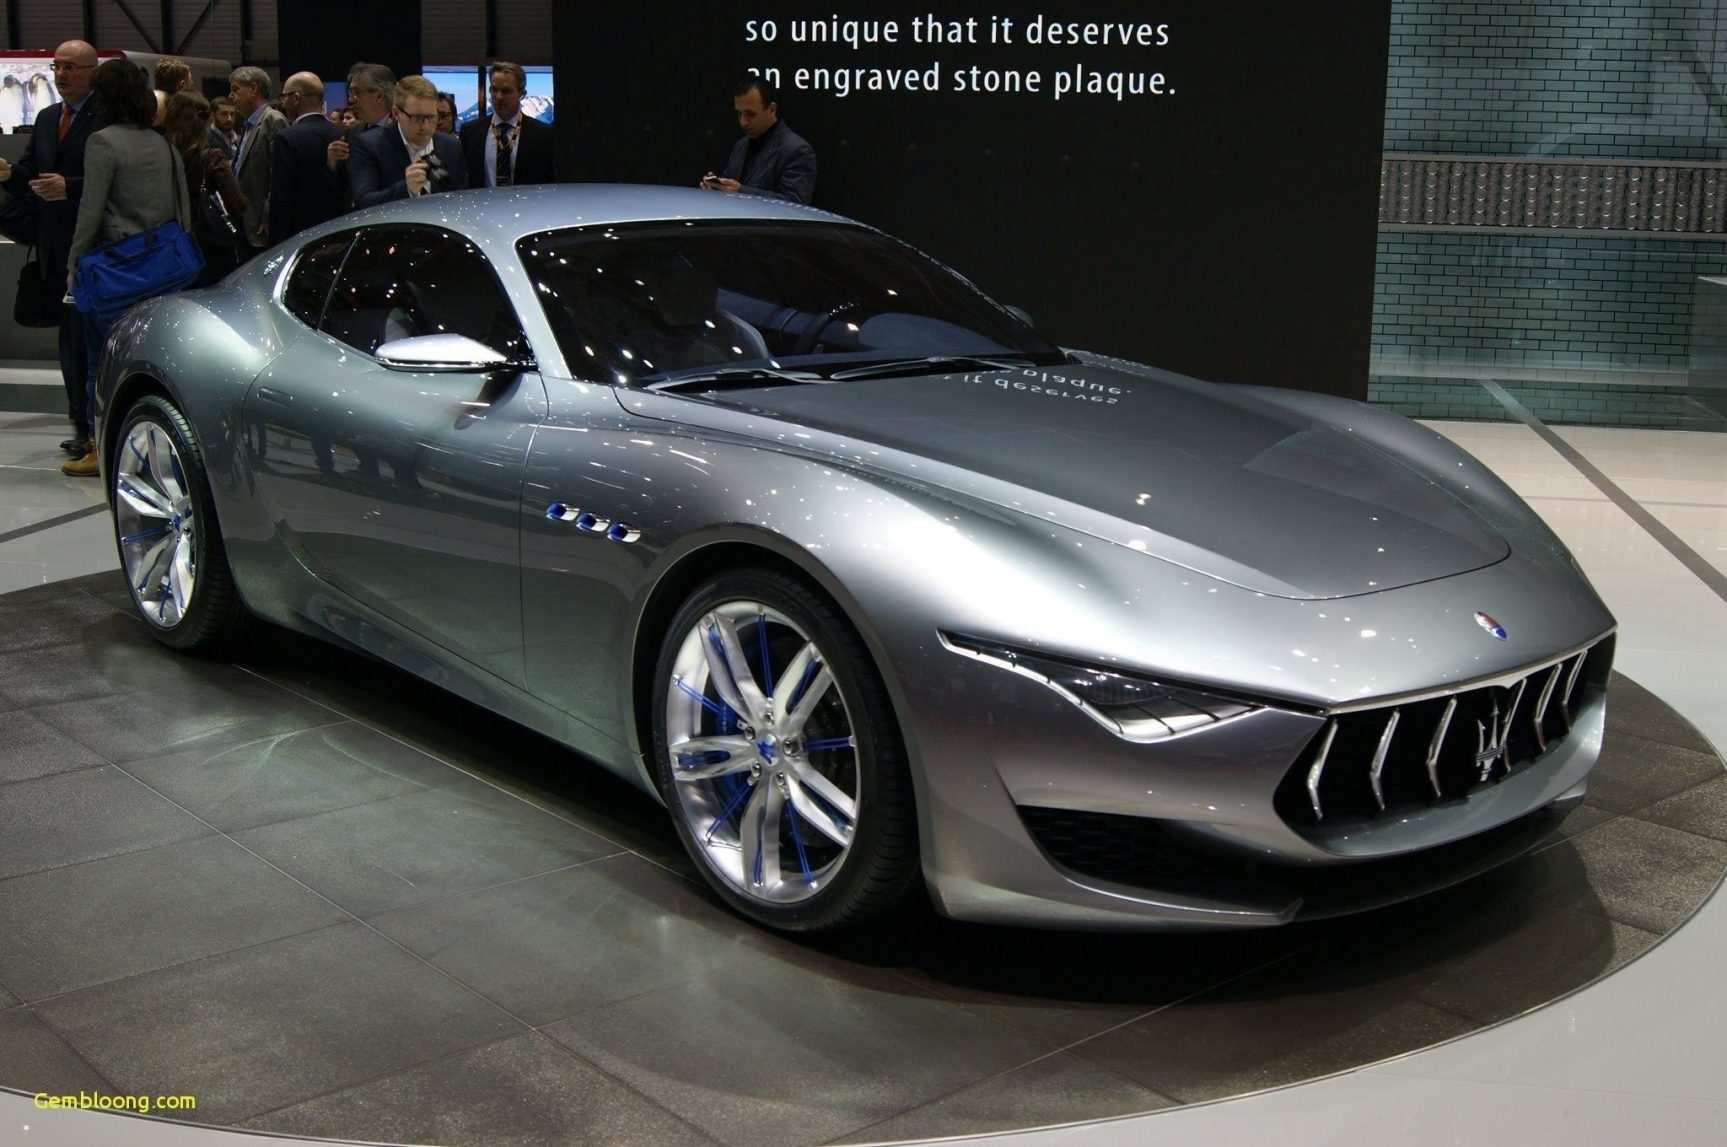 45 Best Review Maserati Granturismo 2019 Price by Maserati Granturismo 2019